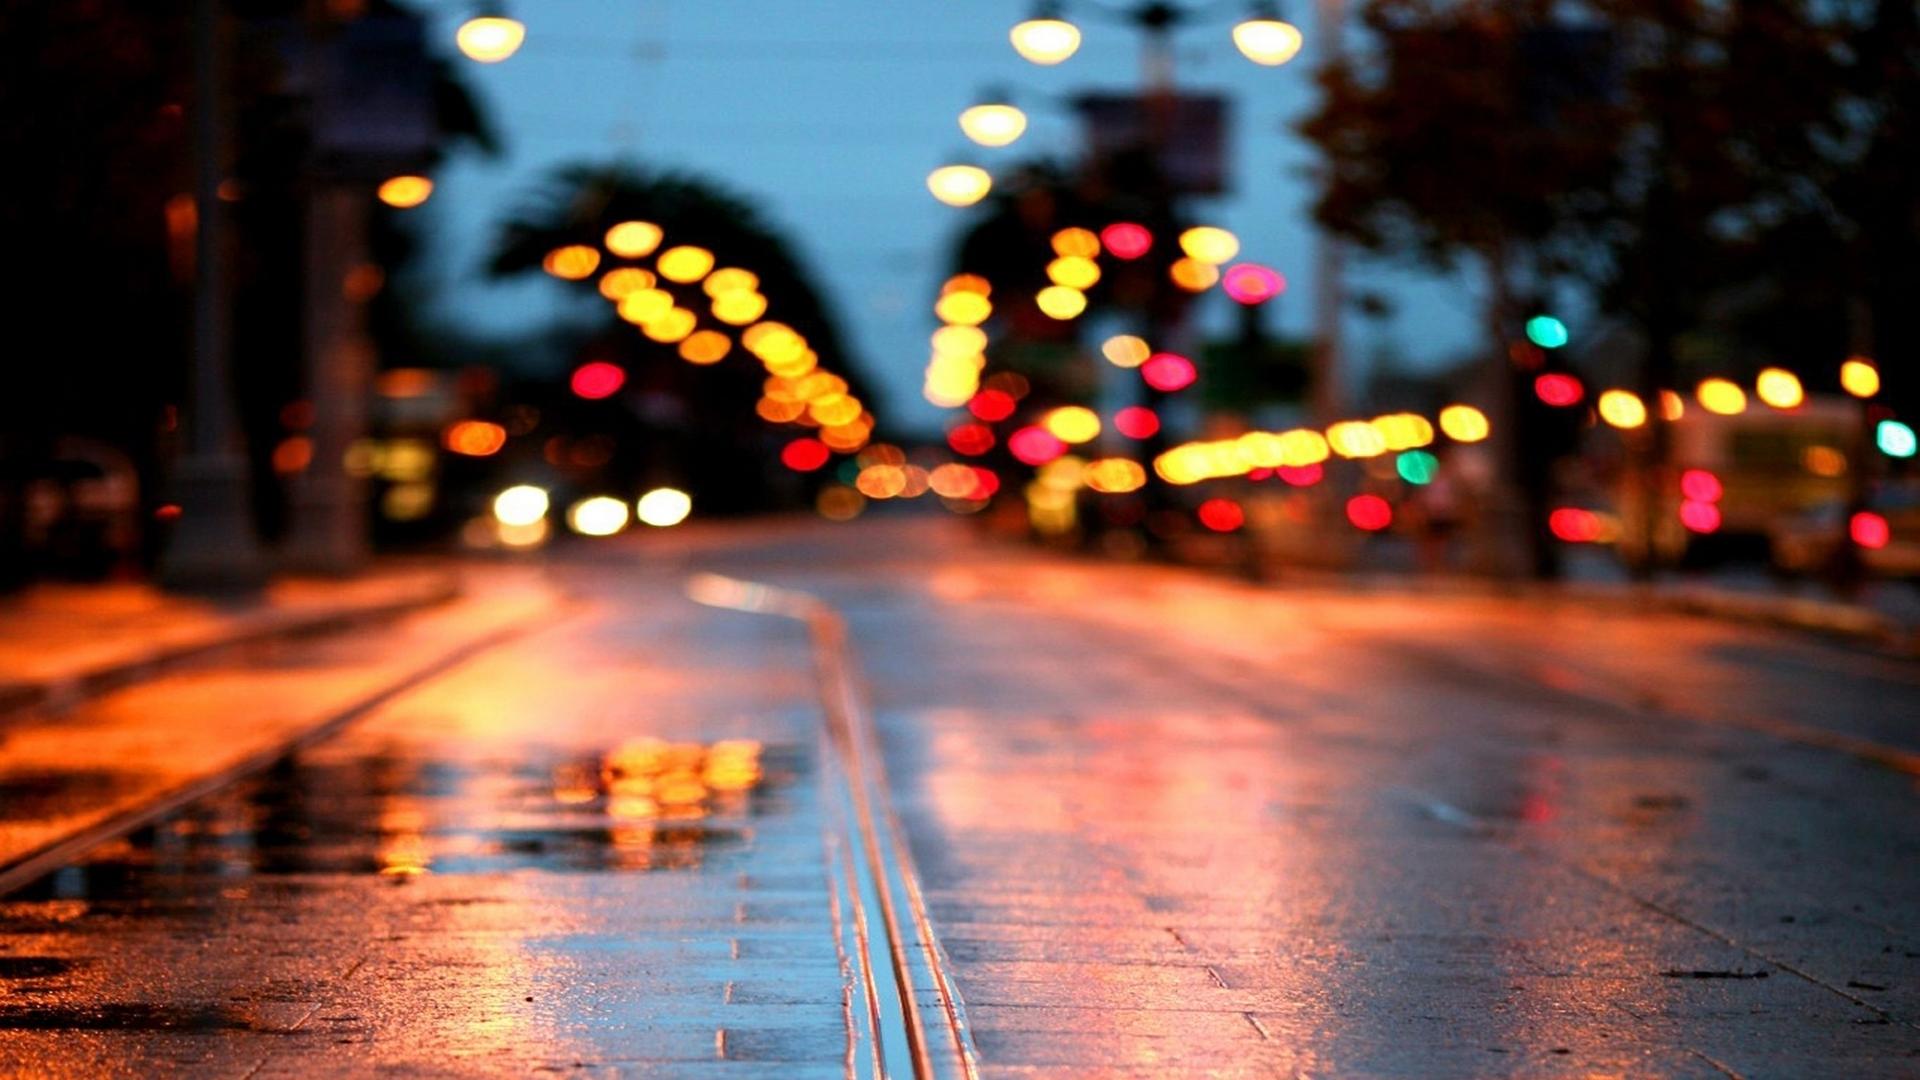 город ночь освещение отражение  № 3927605 загрузить